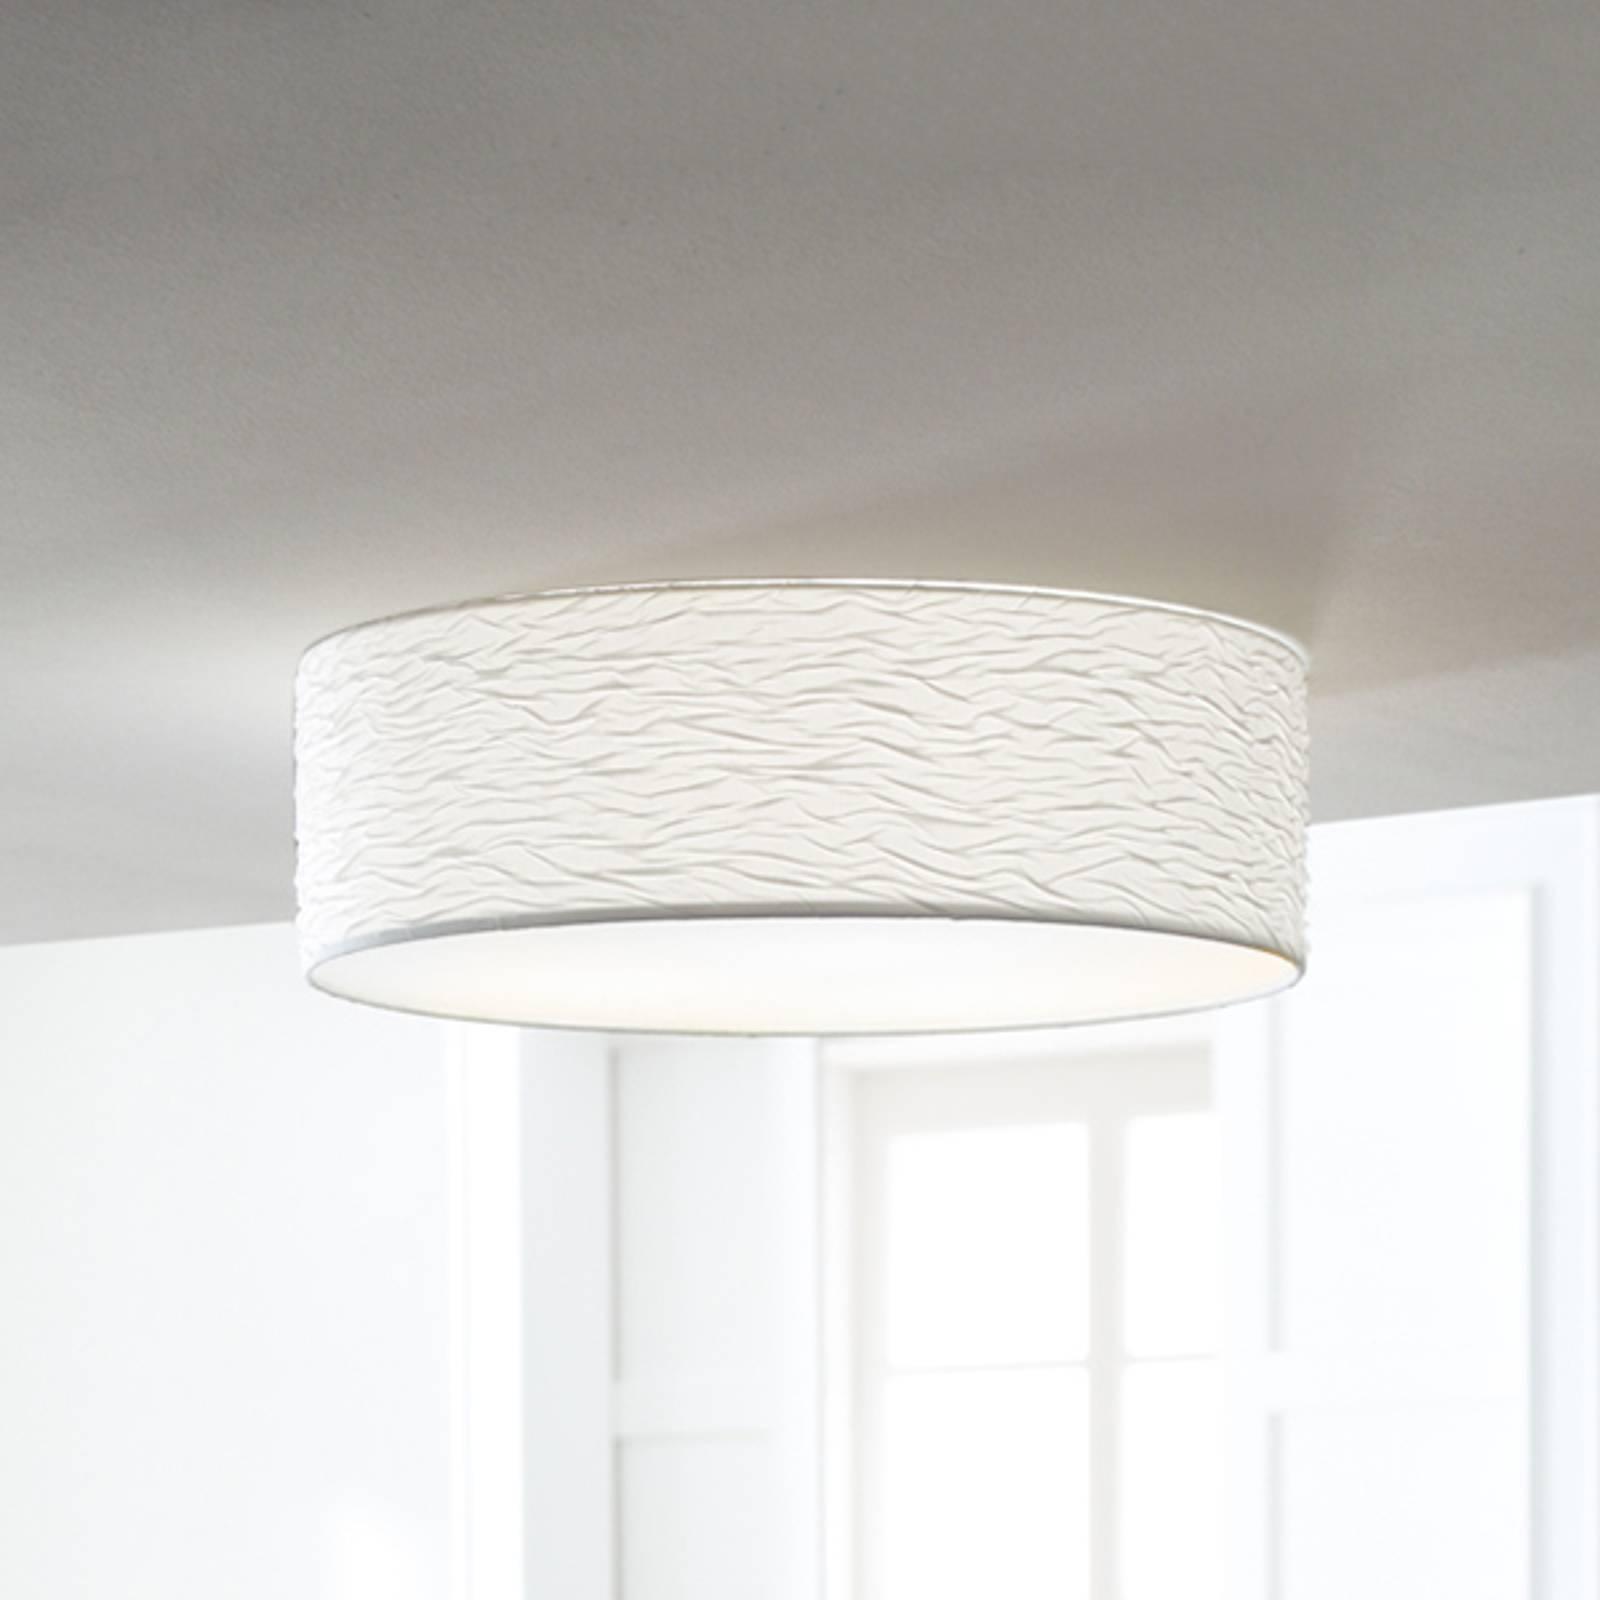 Holtkötter Vita 3 - valkoinen kattovalaisin 60 cm